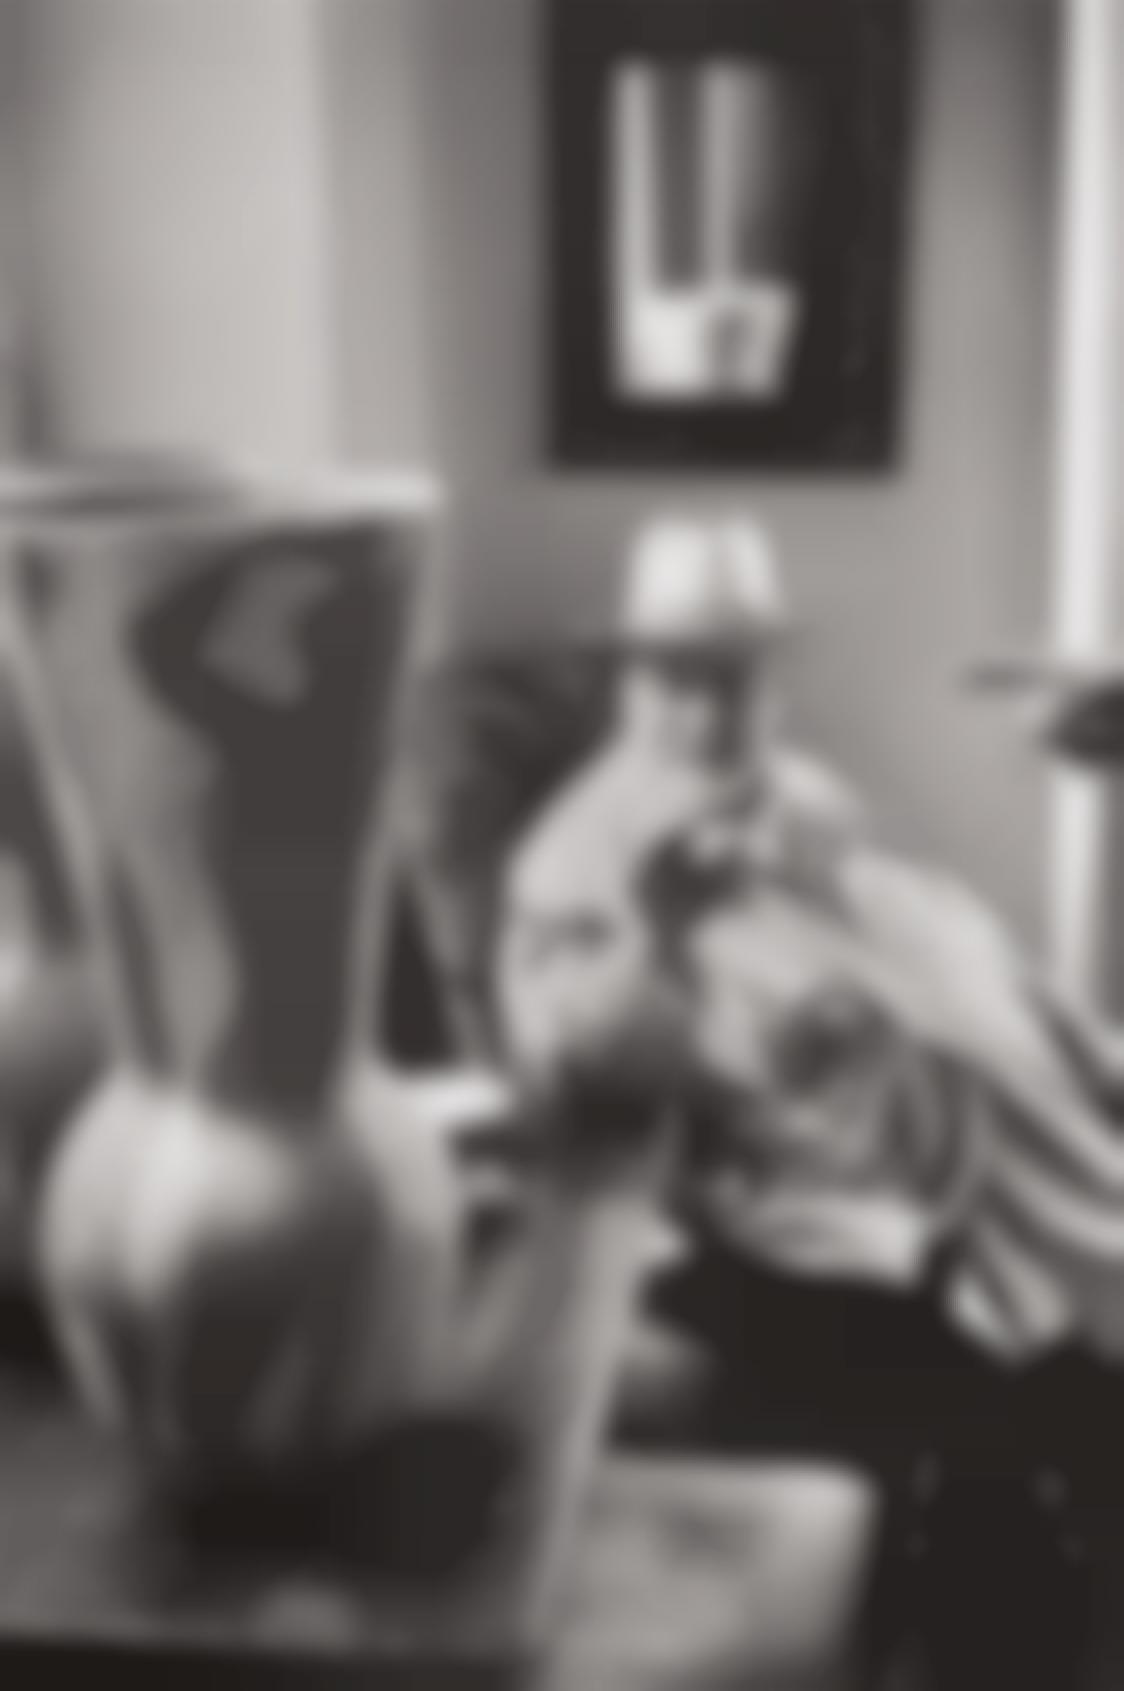 Henri Cartier-Bresson-Henri Matisse Observing A Ceramic Vase By Pablo Picasso, Saint-Jean-Cap-Ferrat-1951